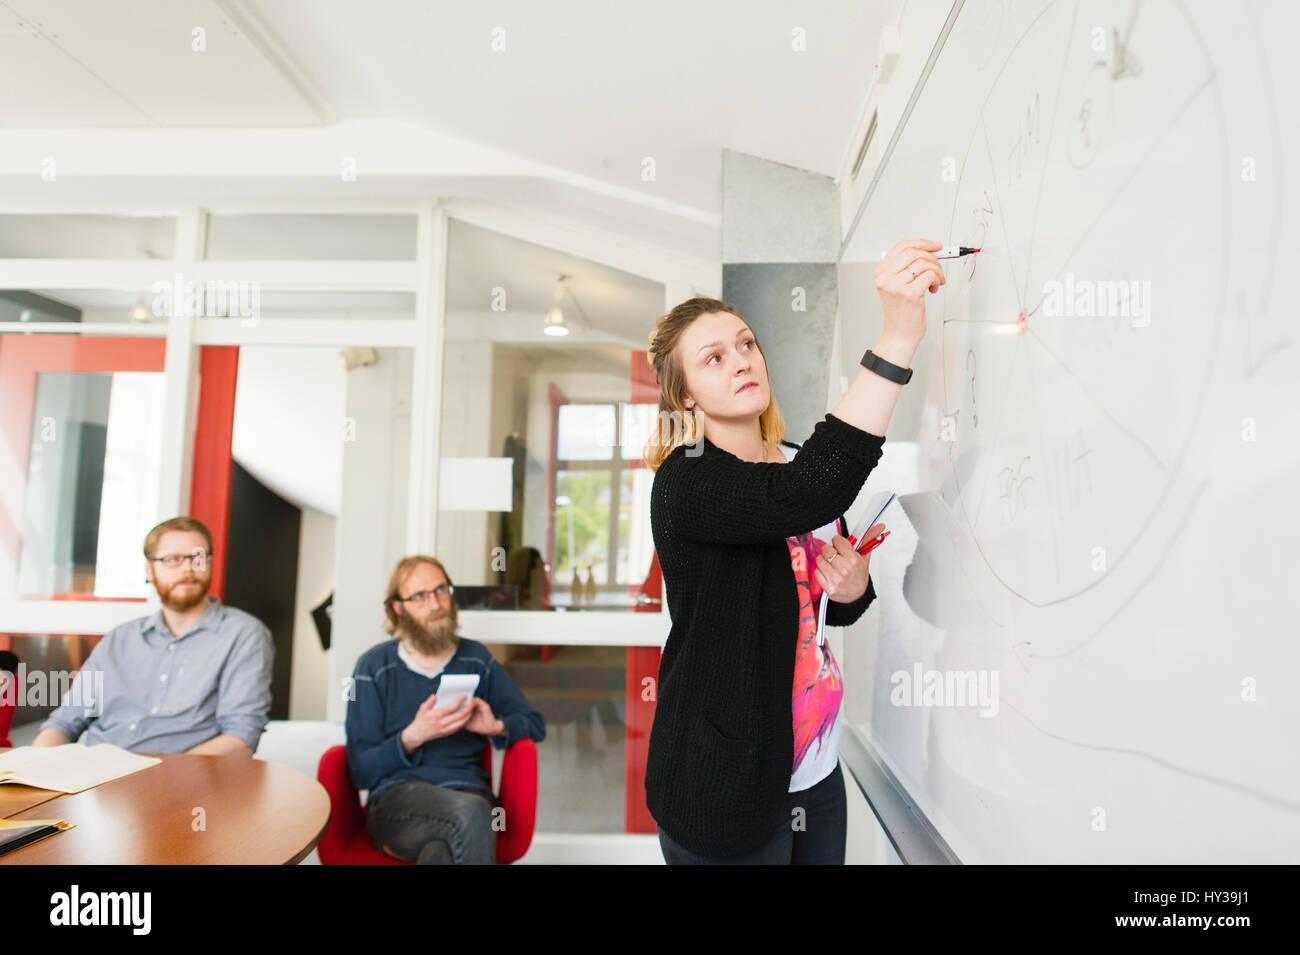 Suecia, joven dibujar en una pizarra blanca durante la reunión de trabajo Imagen De Stock